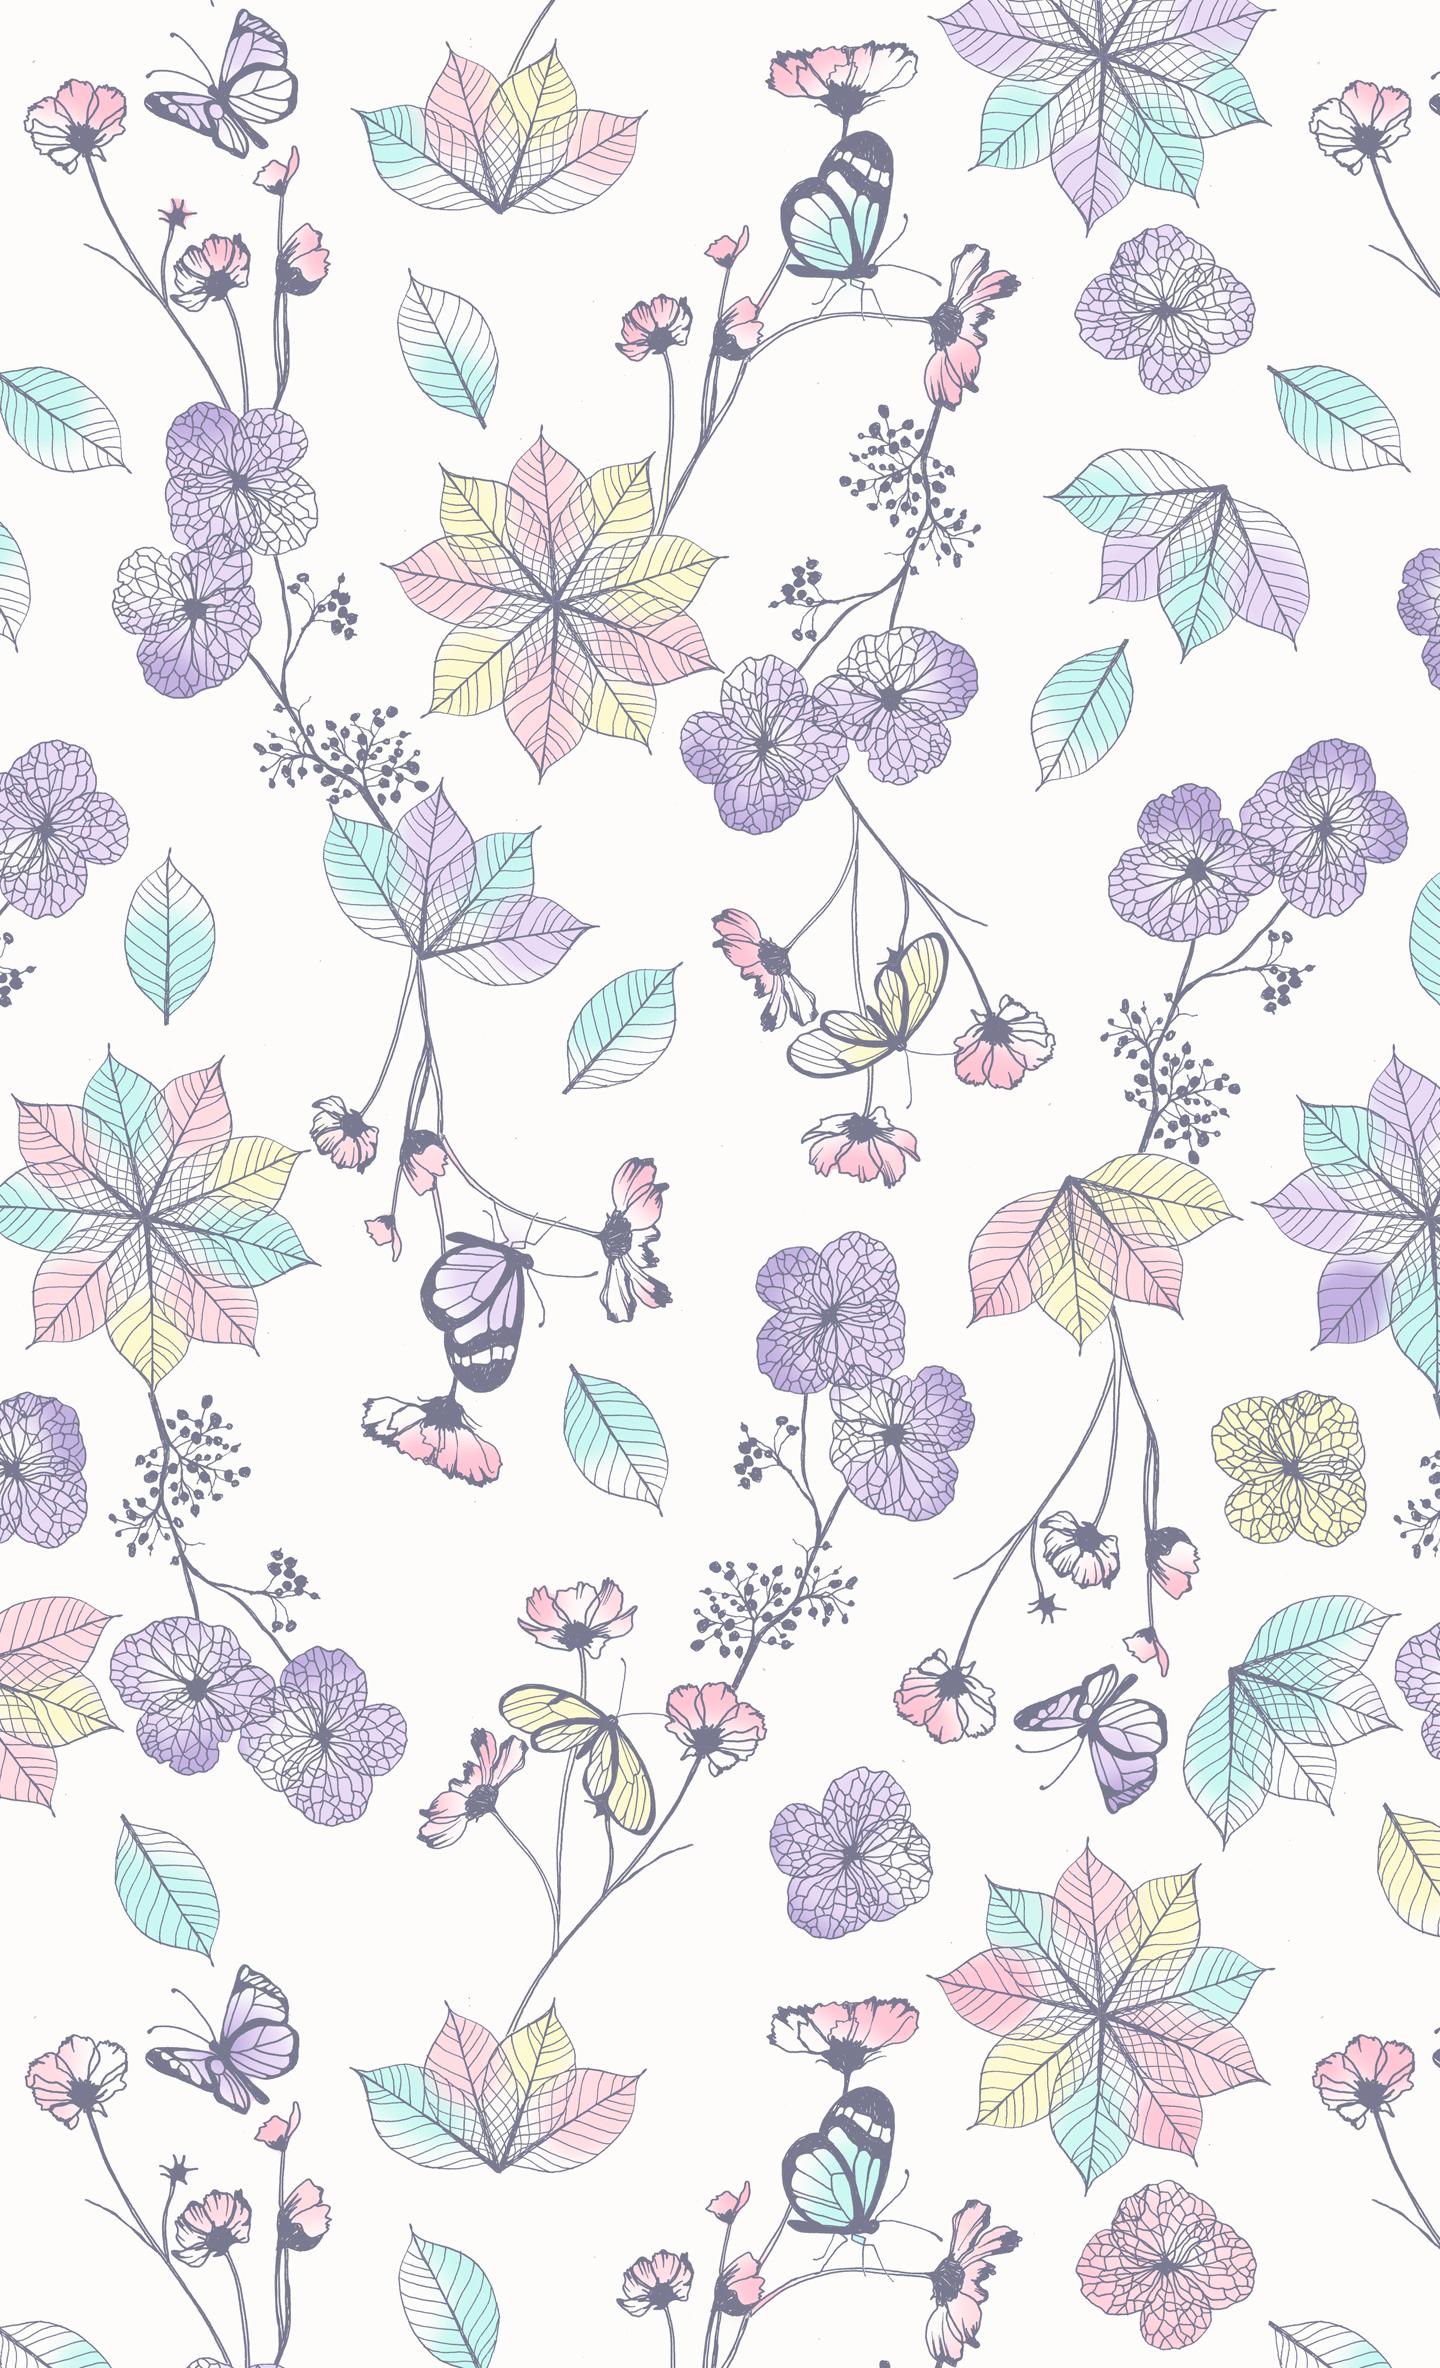 butterfly-flower-pastel-print-pattern.jpg